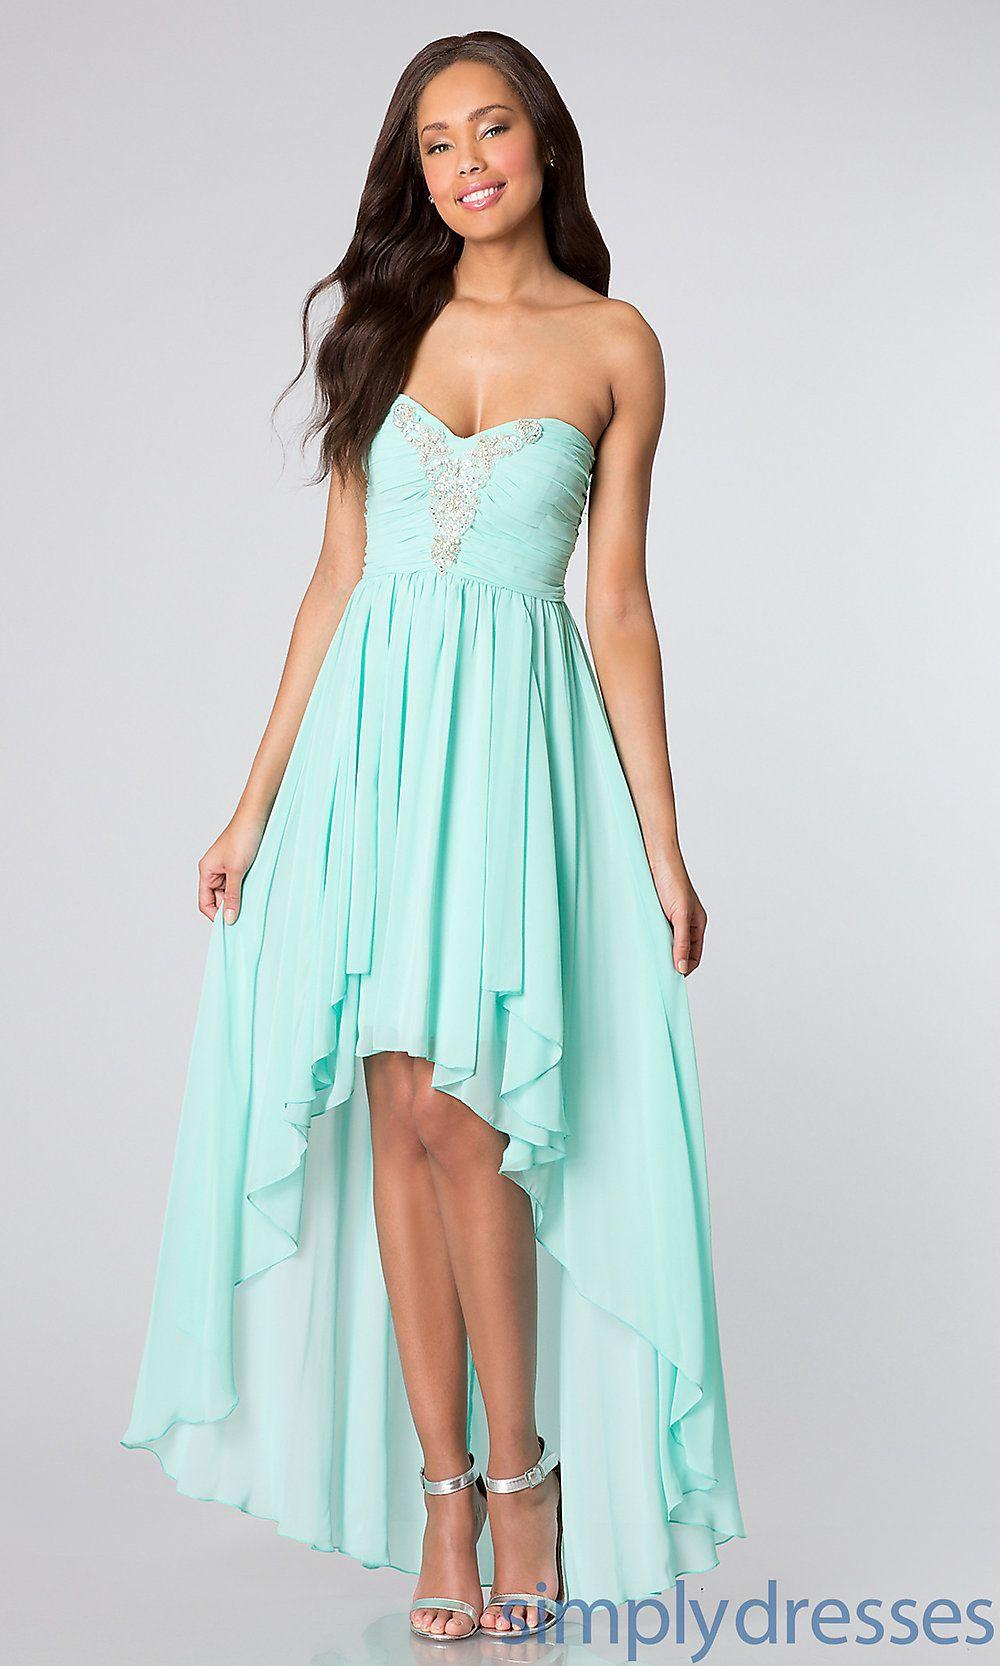 seafoam-mi-dress-CT-9351BV1B-d.jpg (1000×1666)   prom   Pinterest ...